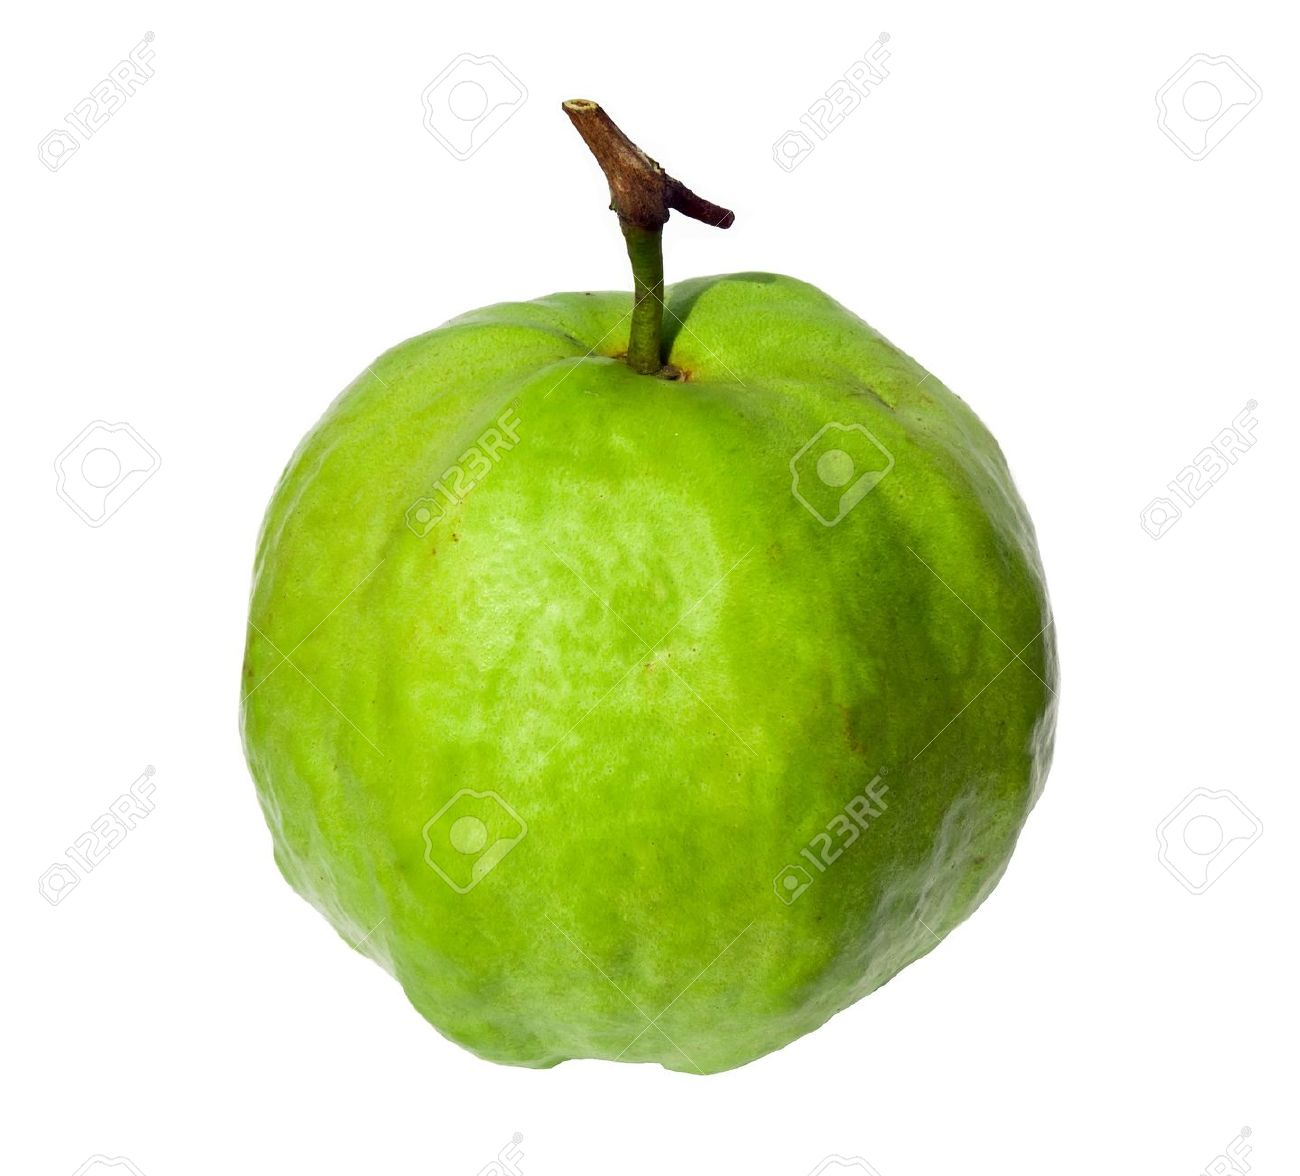 Guava images clip art.